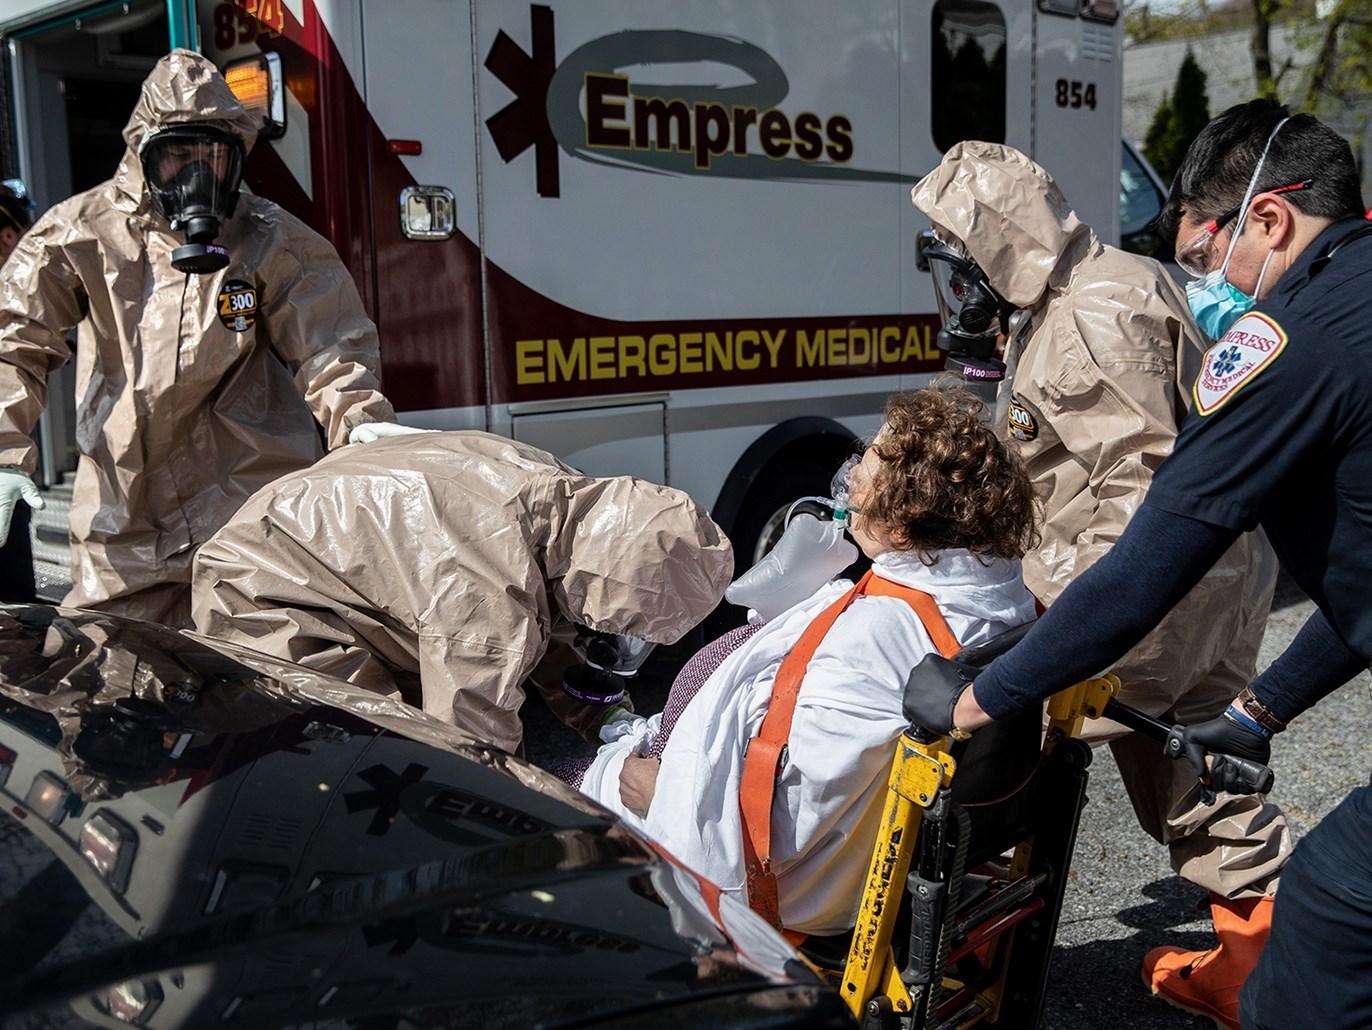 أميركا  سجلّت مساء الجمعة 705 وفيات إضافيّة ناجمة عن فيروس كورونا